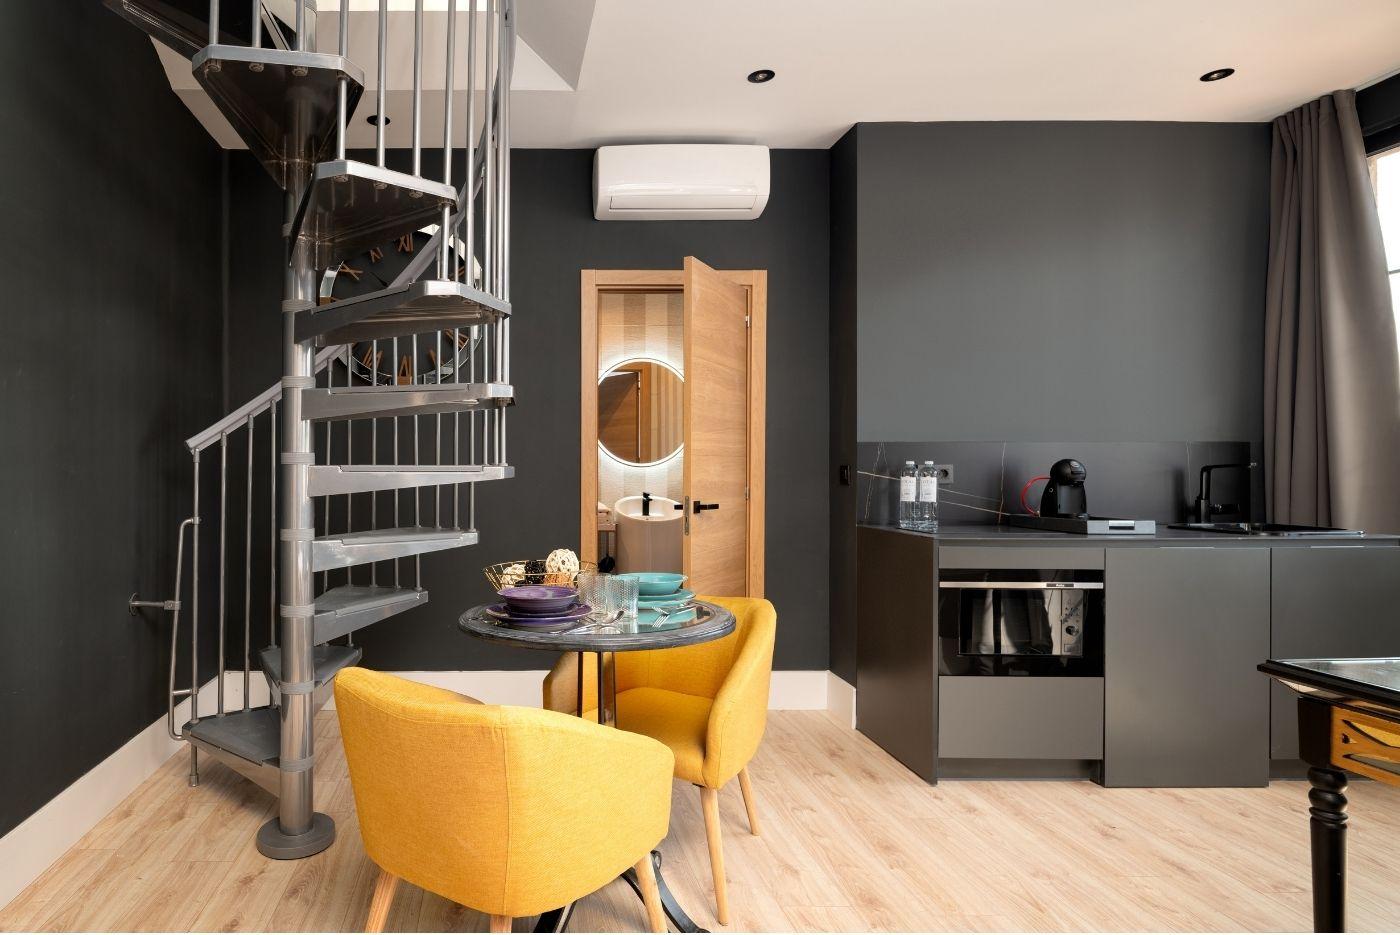 Apartamento-Atico-Duplex-74-Oviedo-1907-02